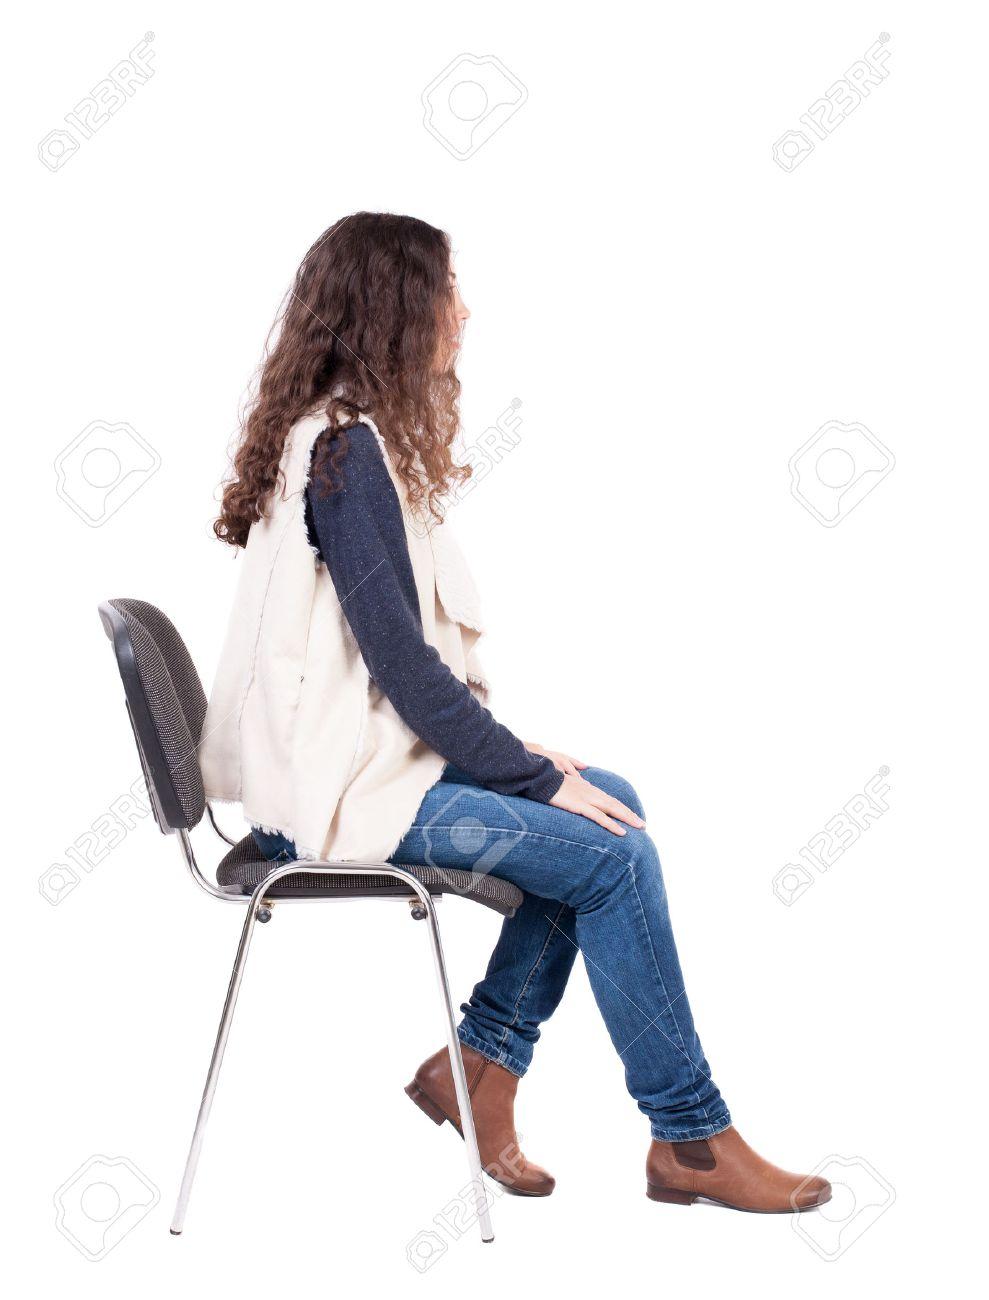 vue arriere de la belle jeune femme assise sur une chaise fille a regarder arriere collection voir des gens backside vue de la personne isole sur